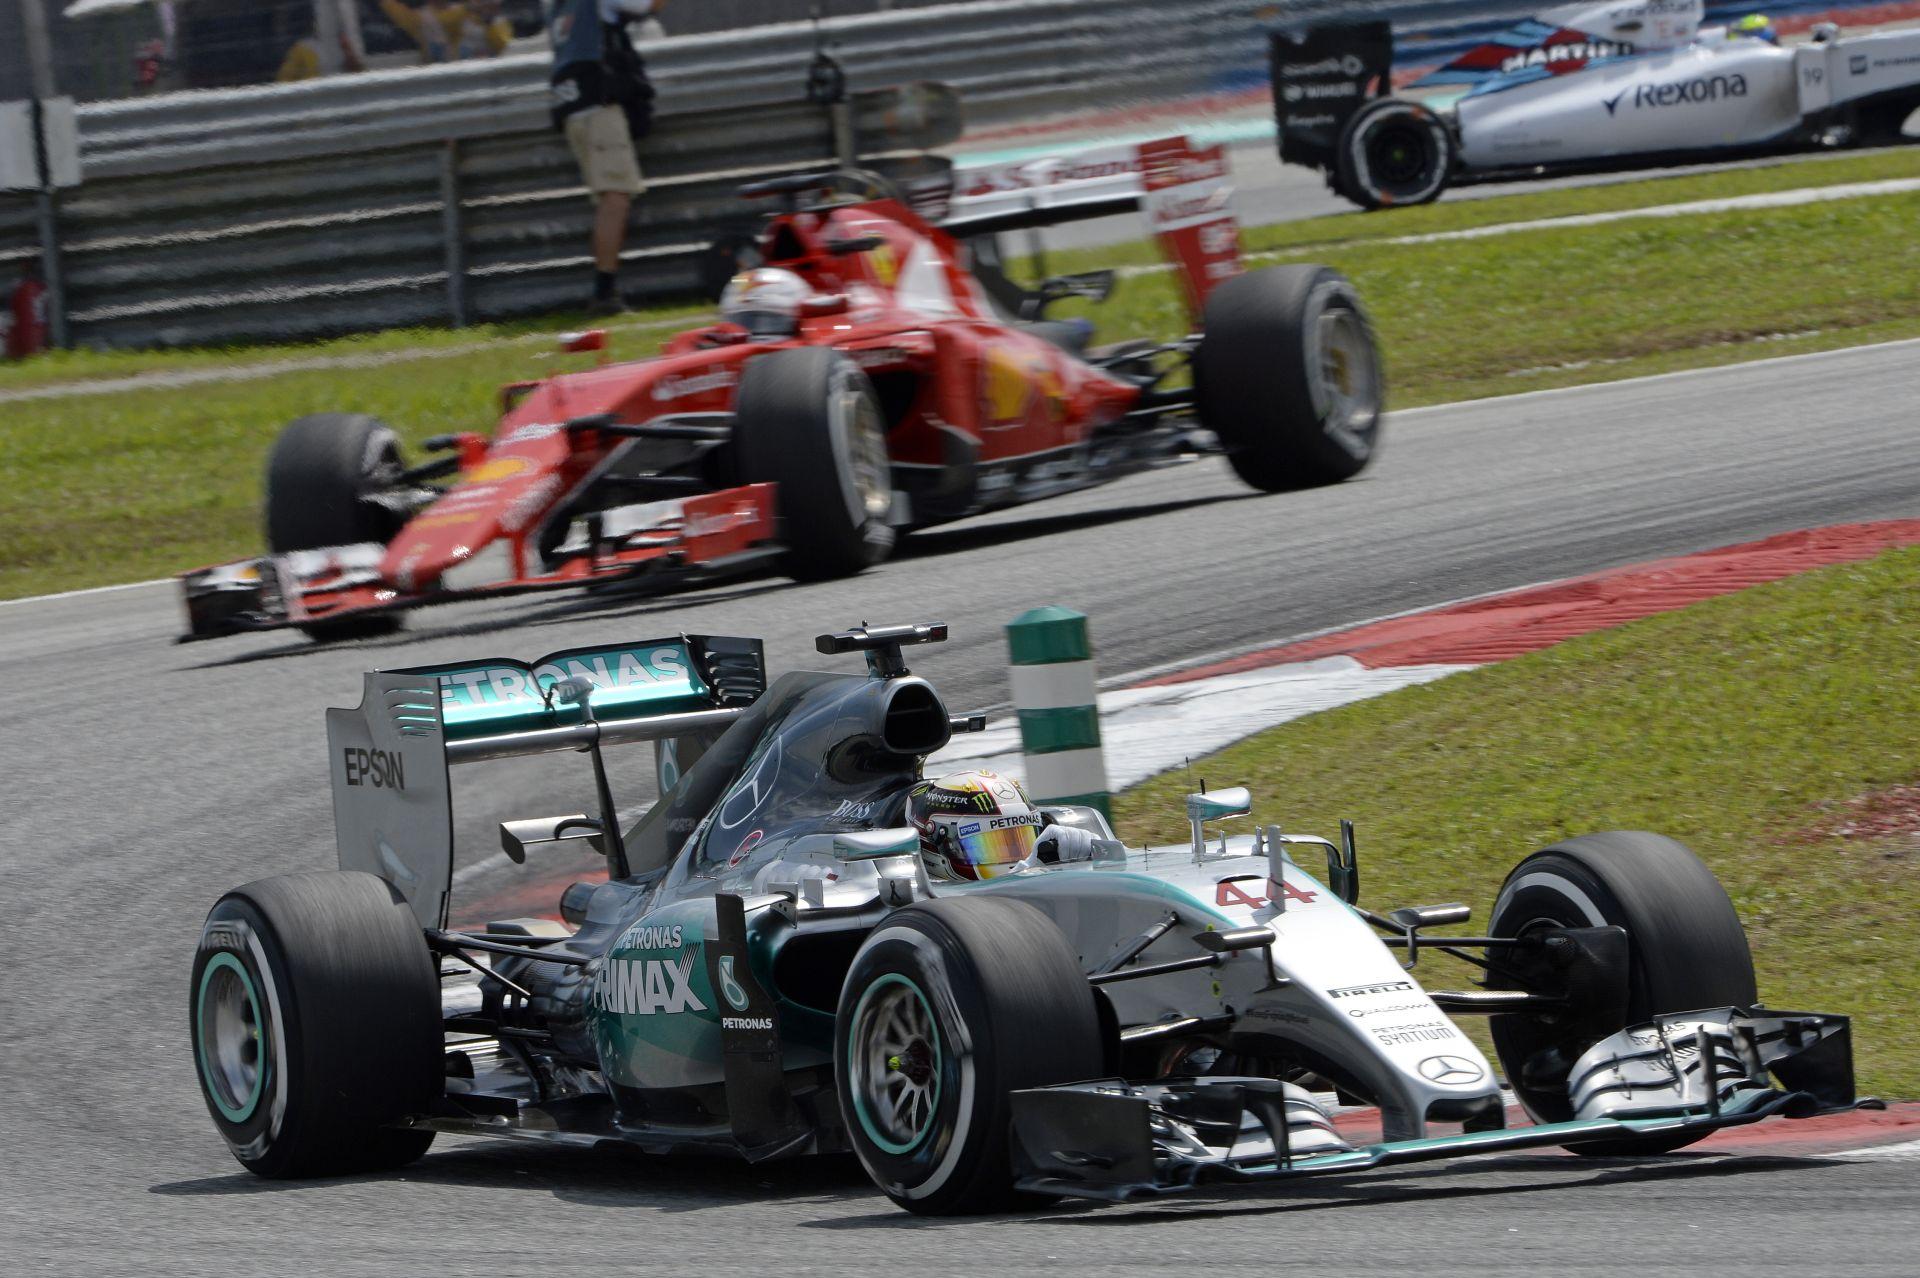 Hakkinen: Idén izgalmasabb lesz a Forma-1, de a Ferrari nem fog minden versenyen kihívást jelenteni a Mercedesnek